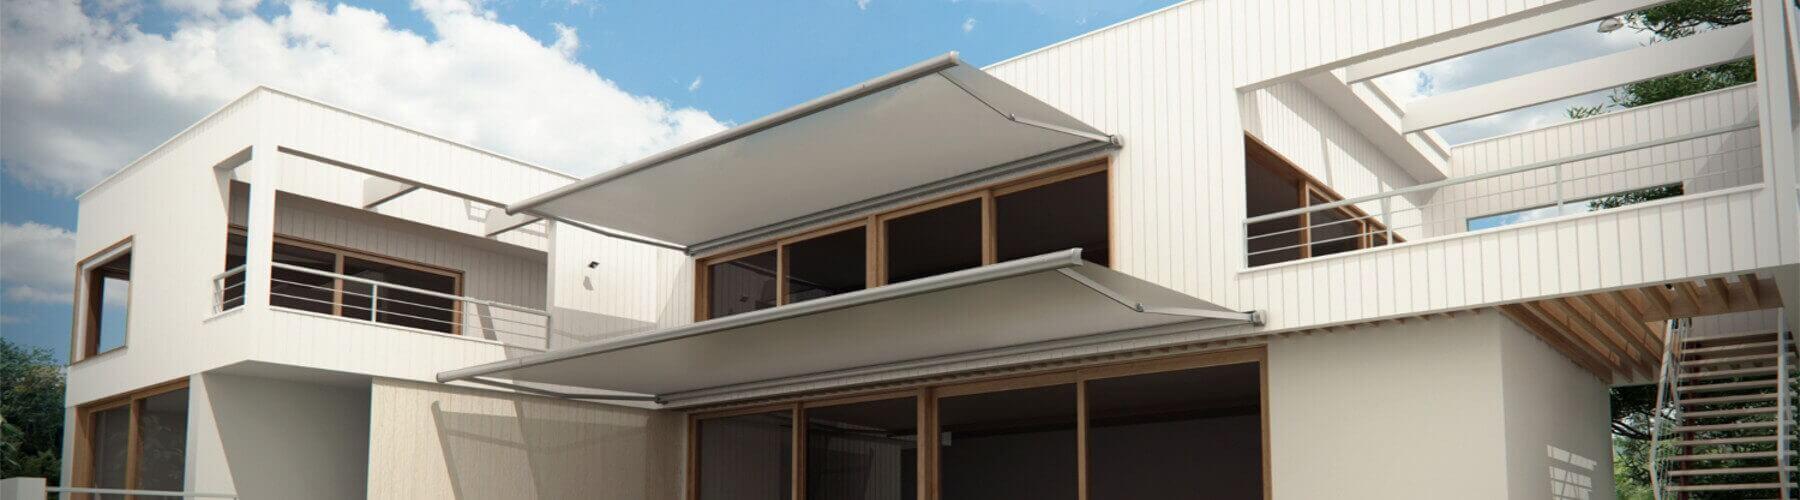 Fachada de una casa con toldos articulados